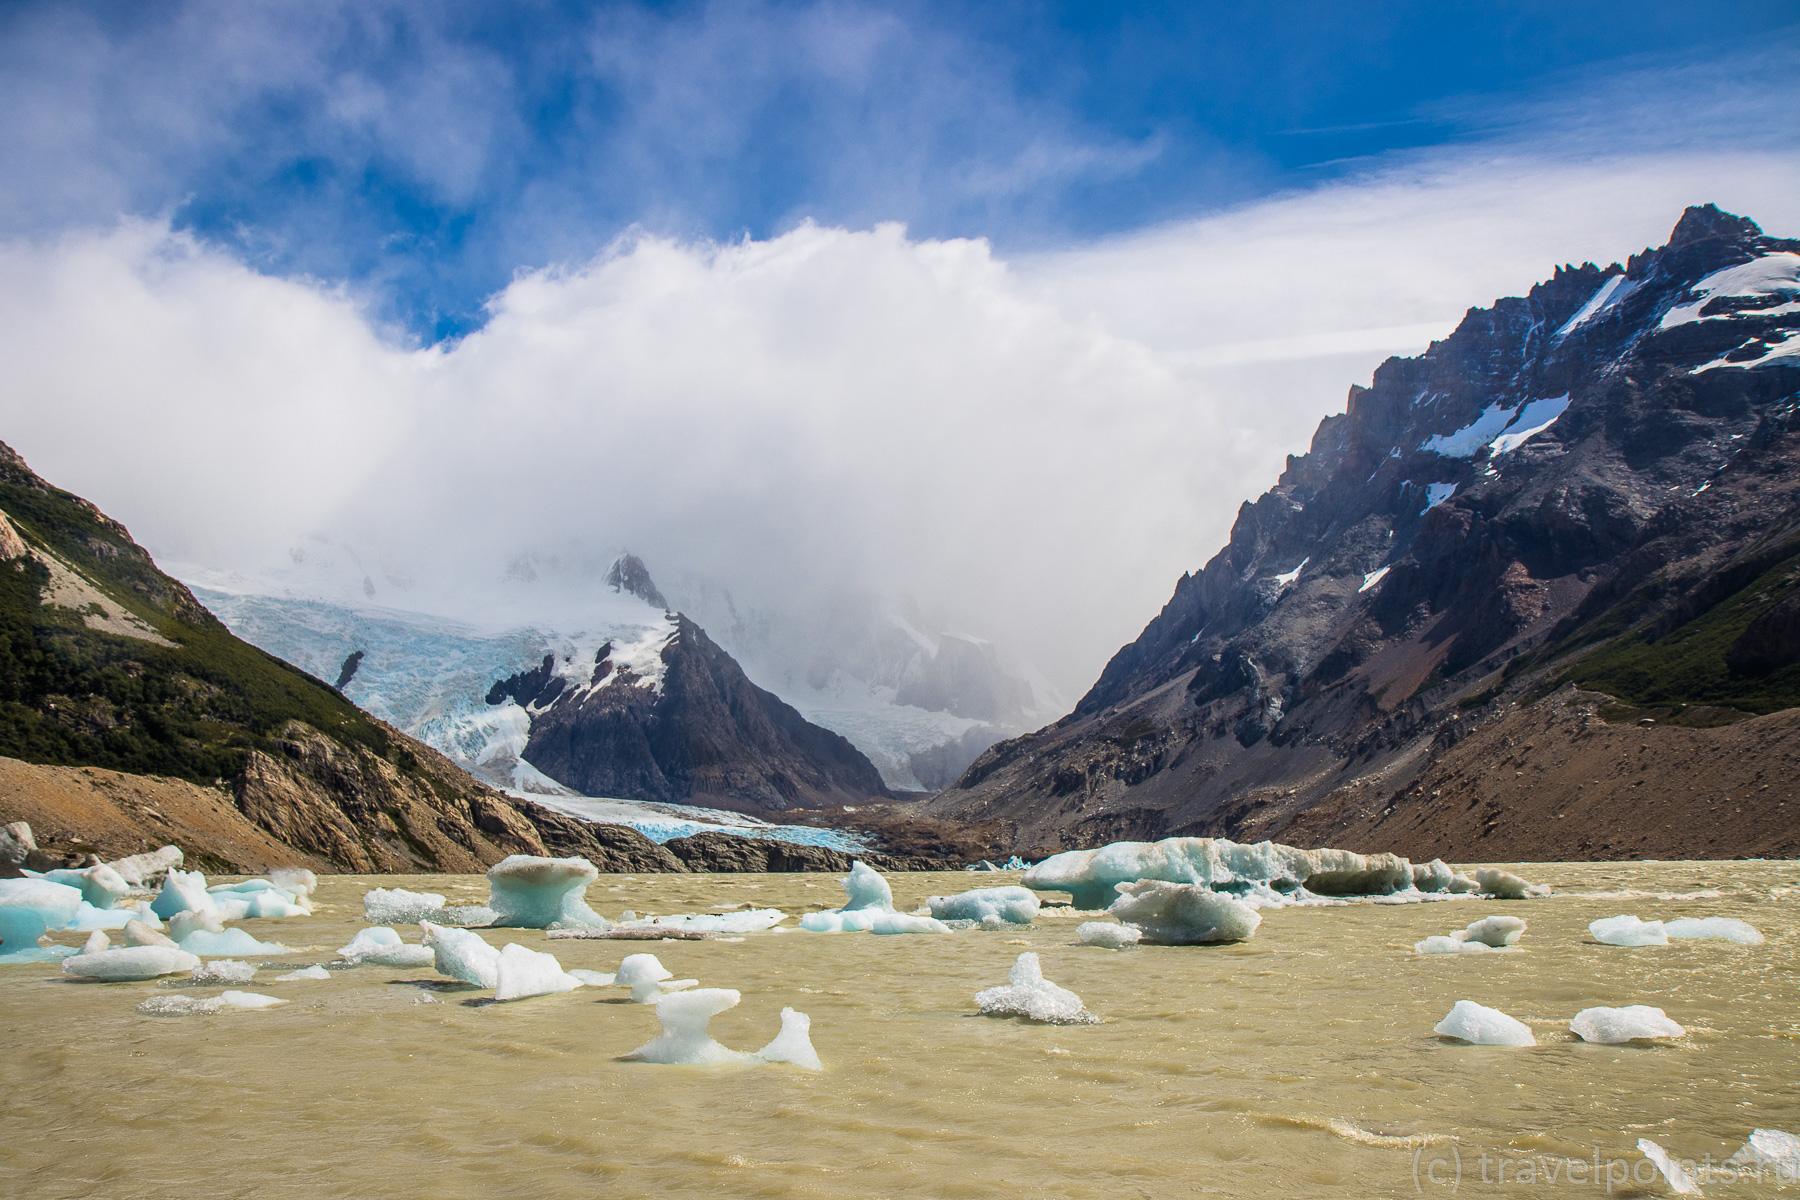 Лагуна Торре, где на горизонте должны быть шикарные горы, но мне их не показали